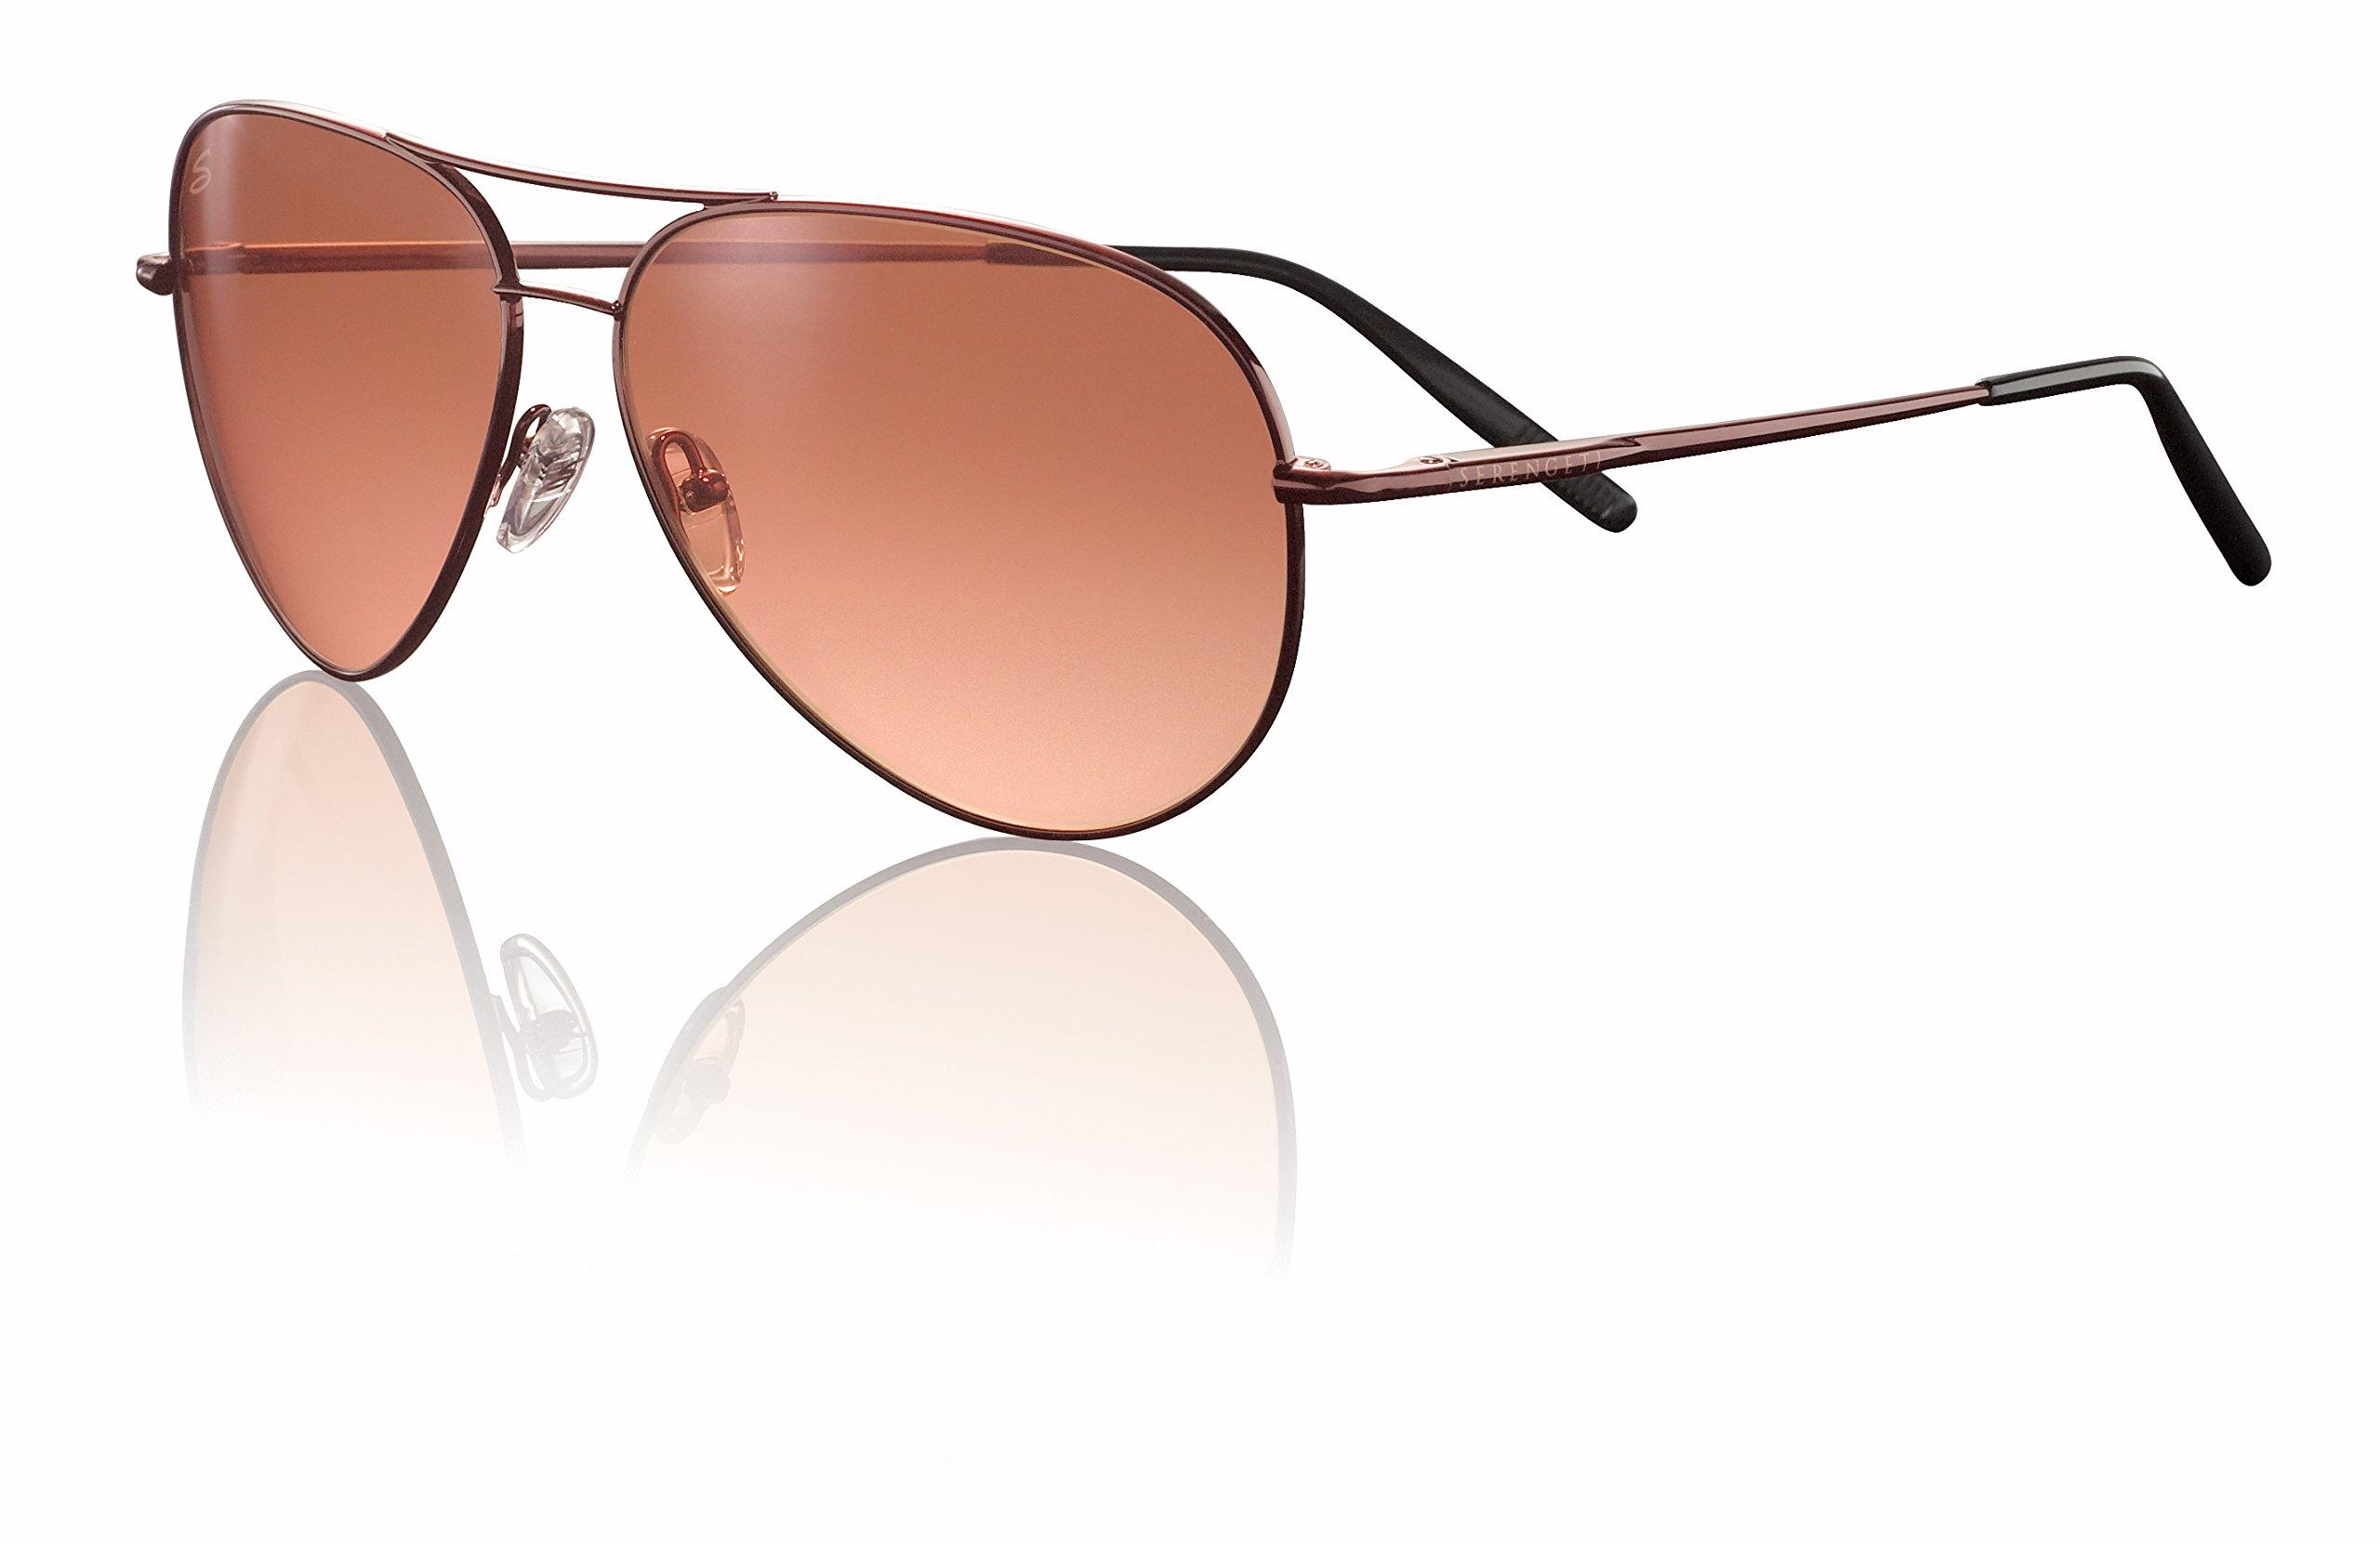 Serengeti Aviator Sunglasses Aviators Gradient